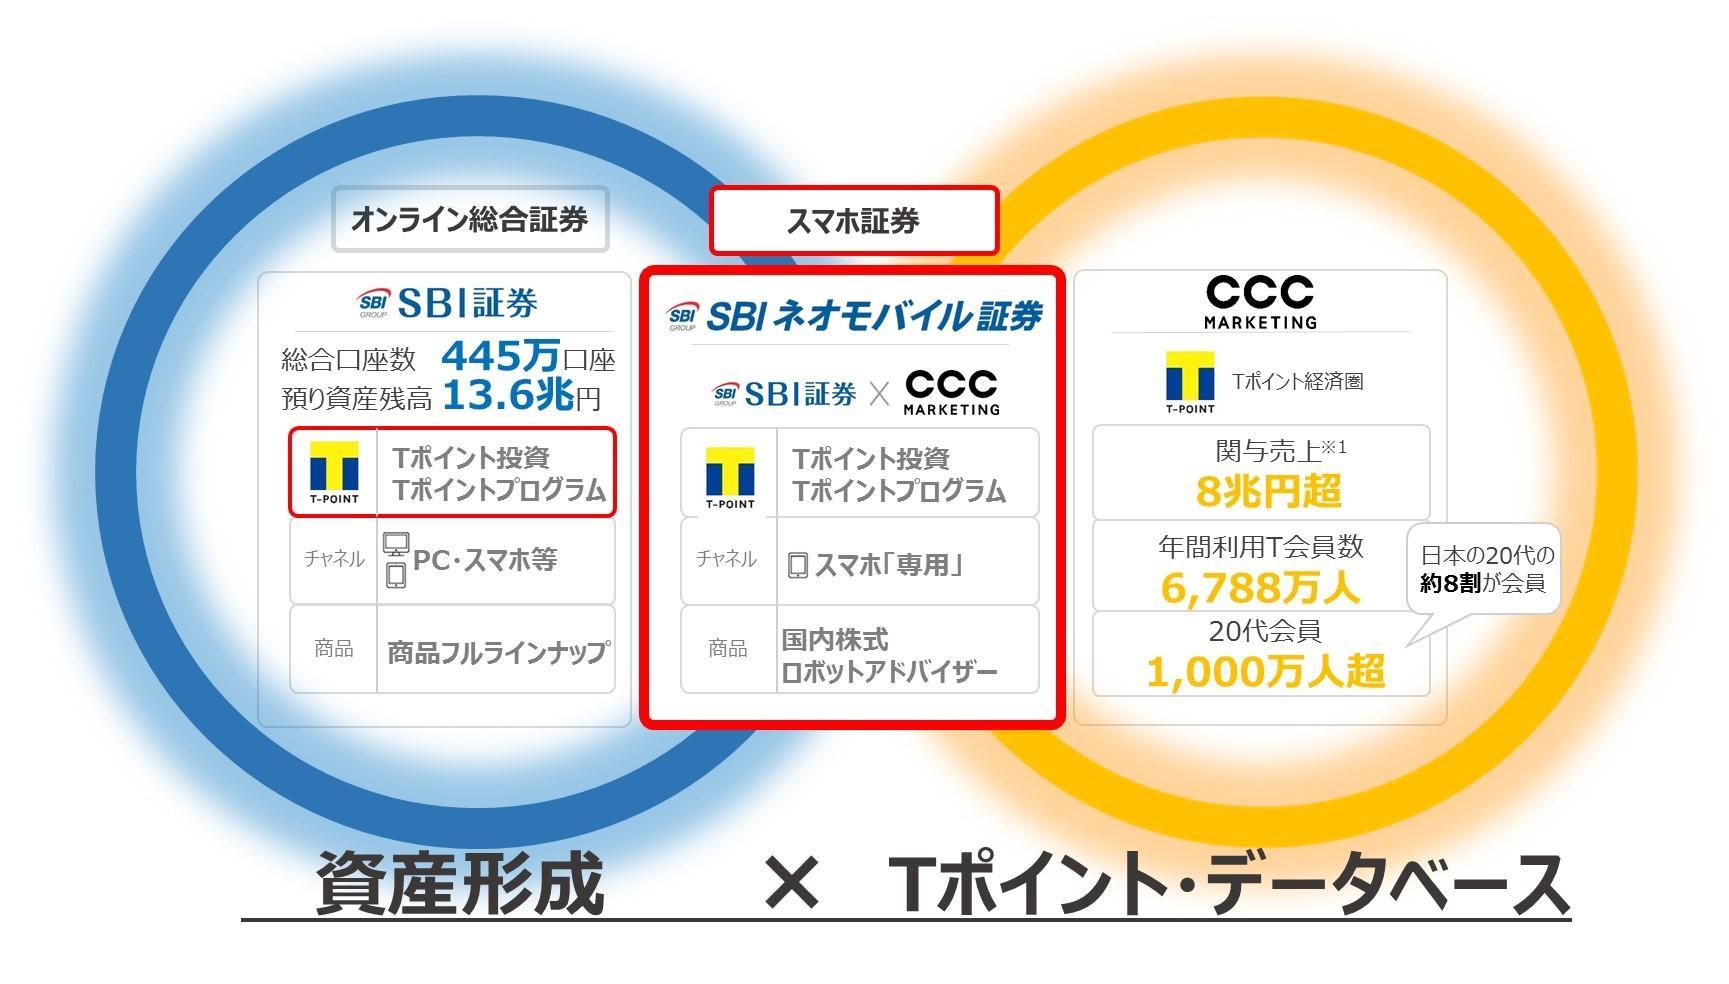 ショッピング ccc オンライン